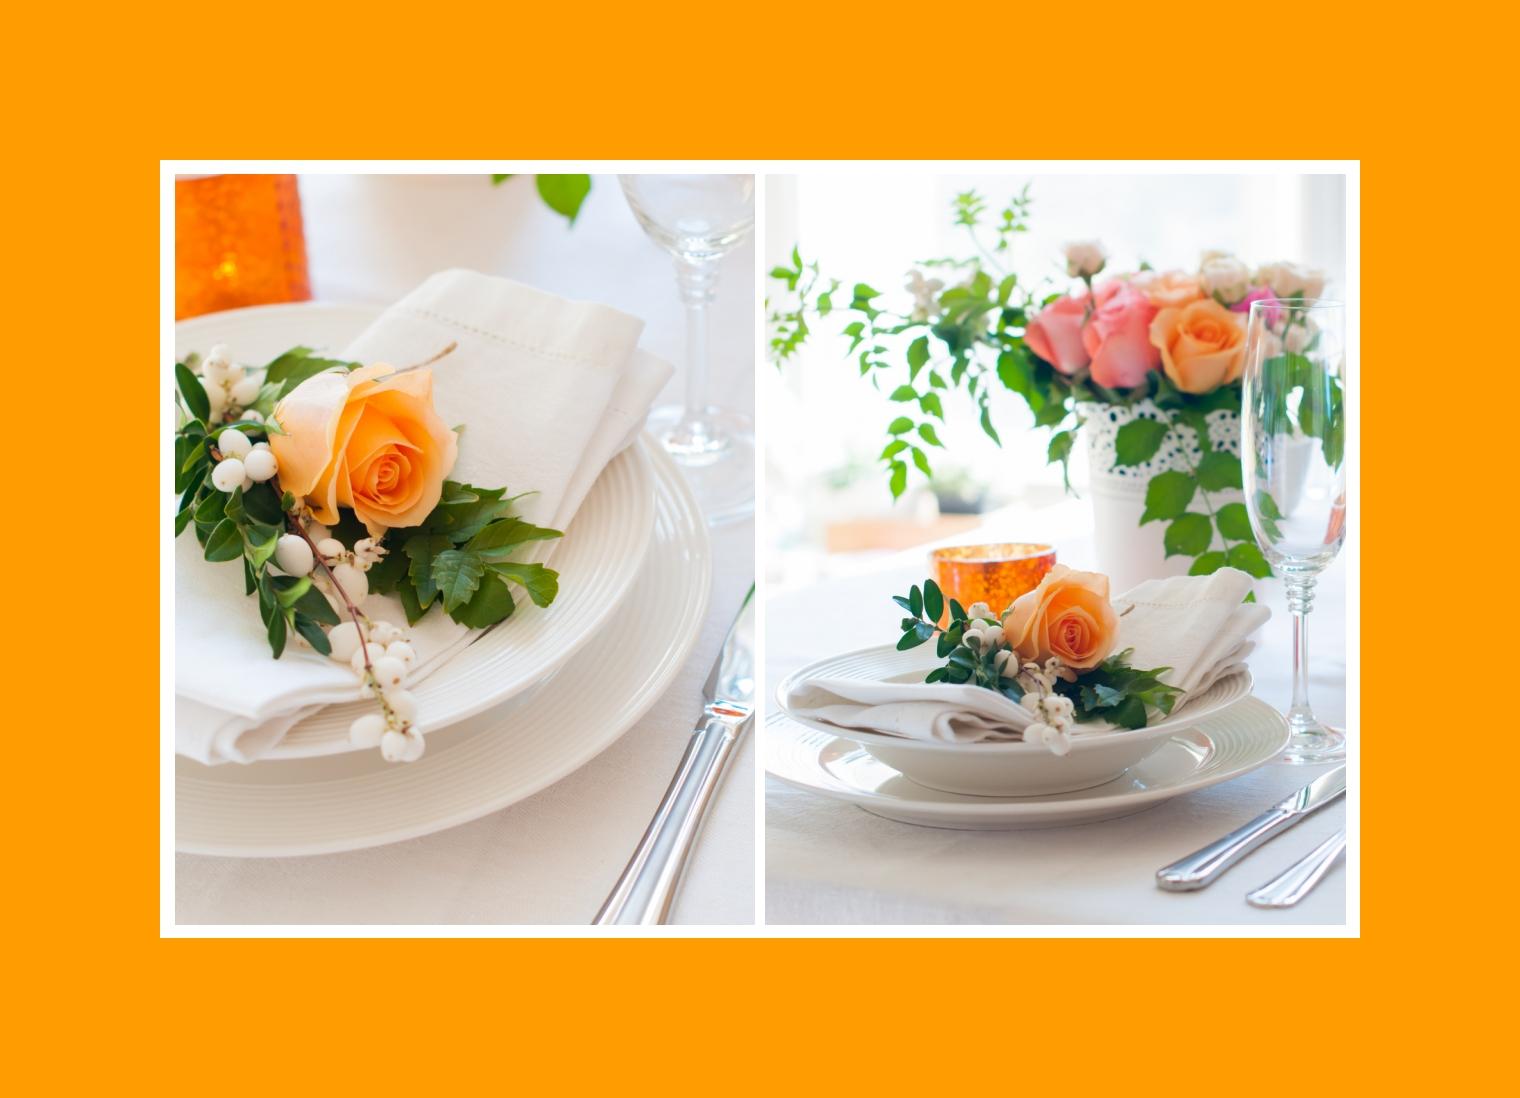 Blumendeko Hochzeit Tisch blumendeko tisch hochzeit bilder youtube hochzeit blumendeko tisch